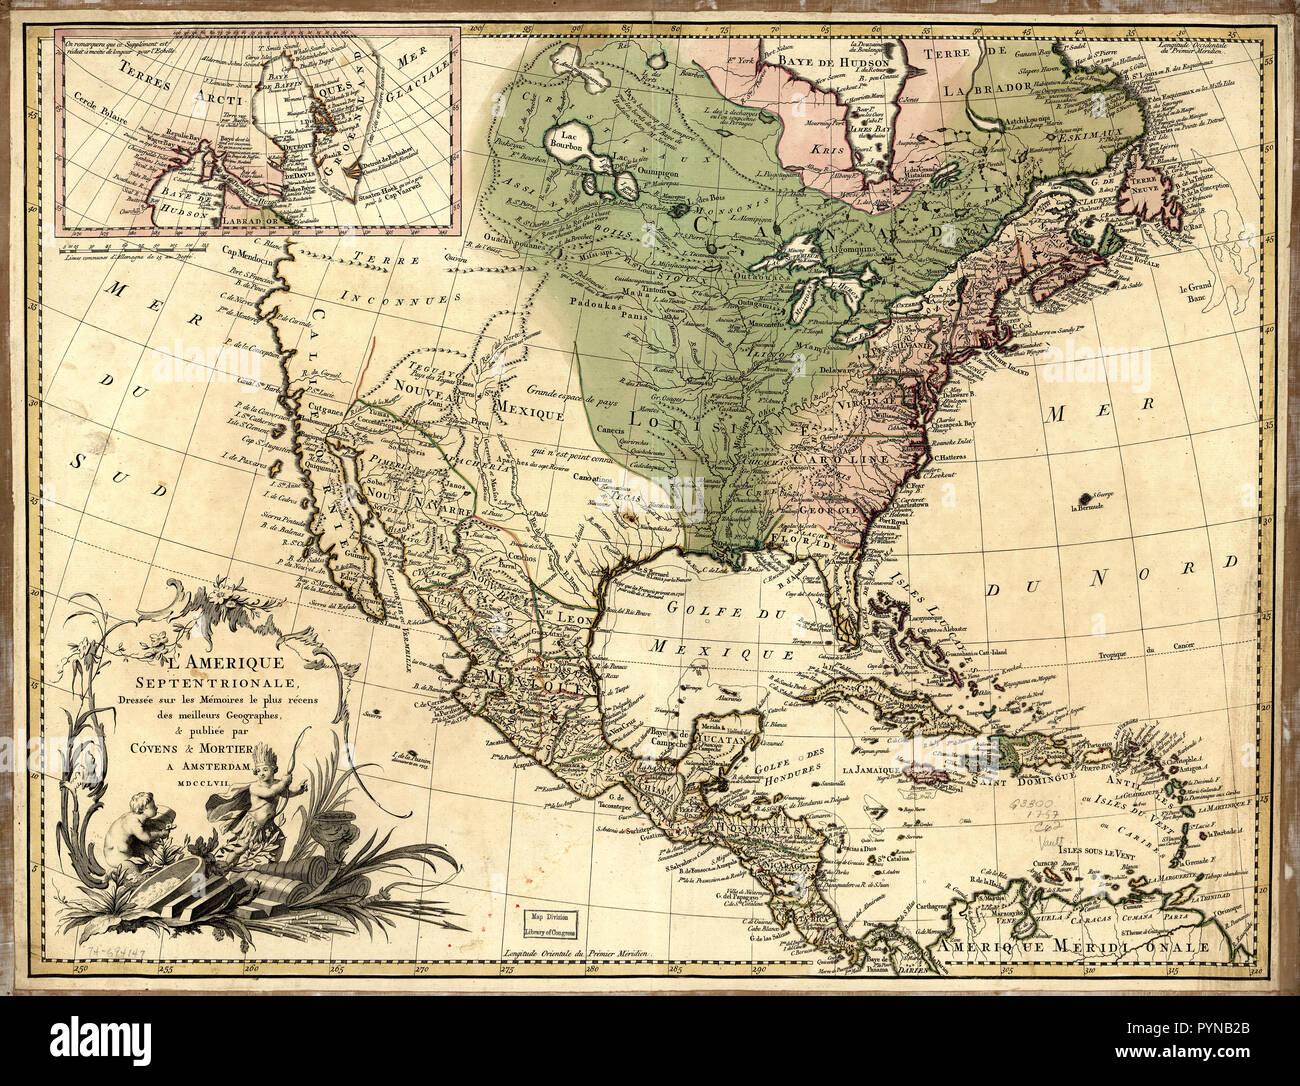 Antique Map Of North America.Vintage Maps Antique Maps L Amerique Septentrionale North